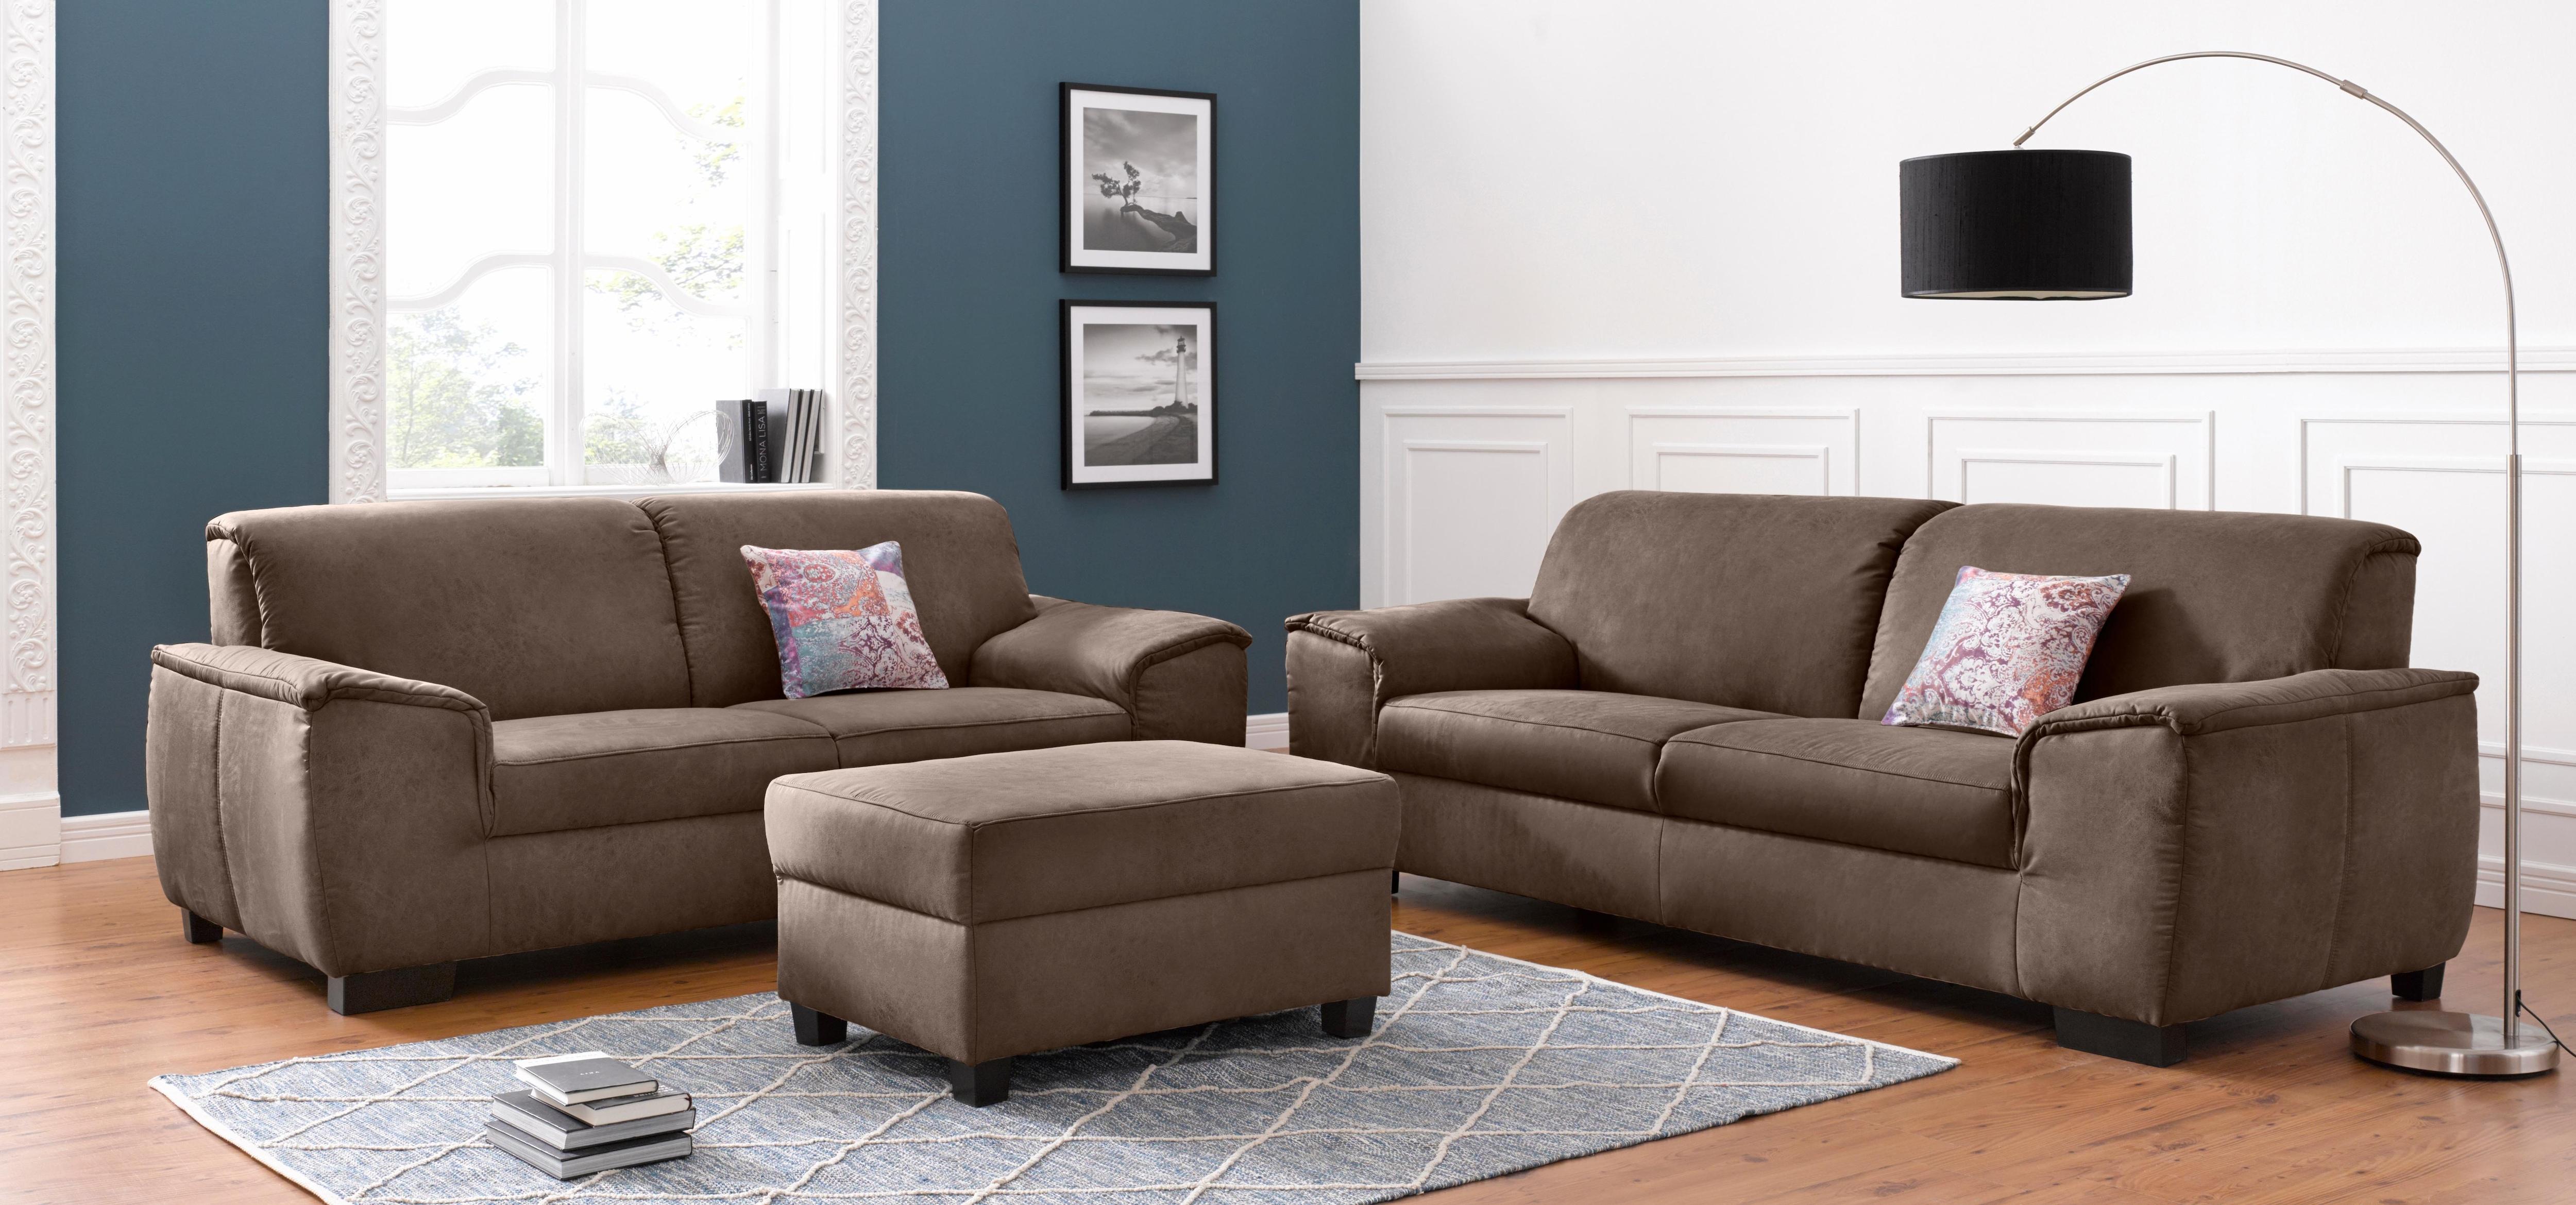 DOMO collection Garnitur: 2-Sitzer und 25-Sitzer